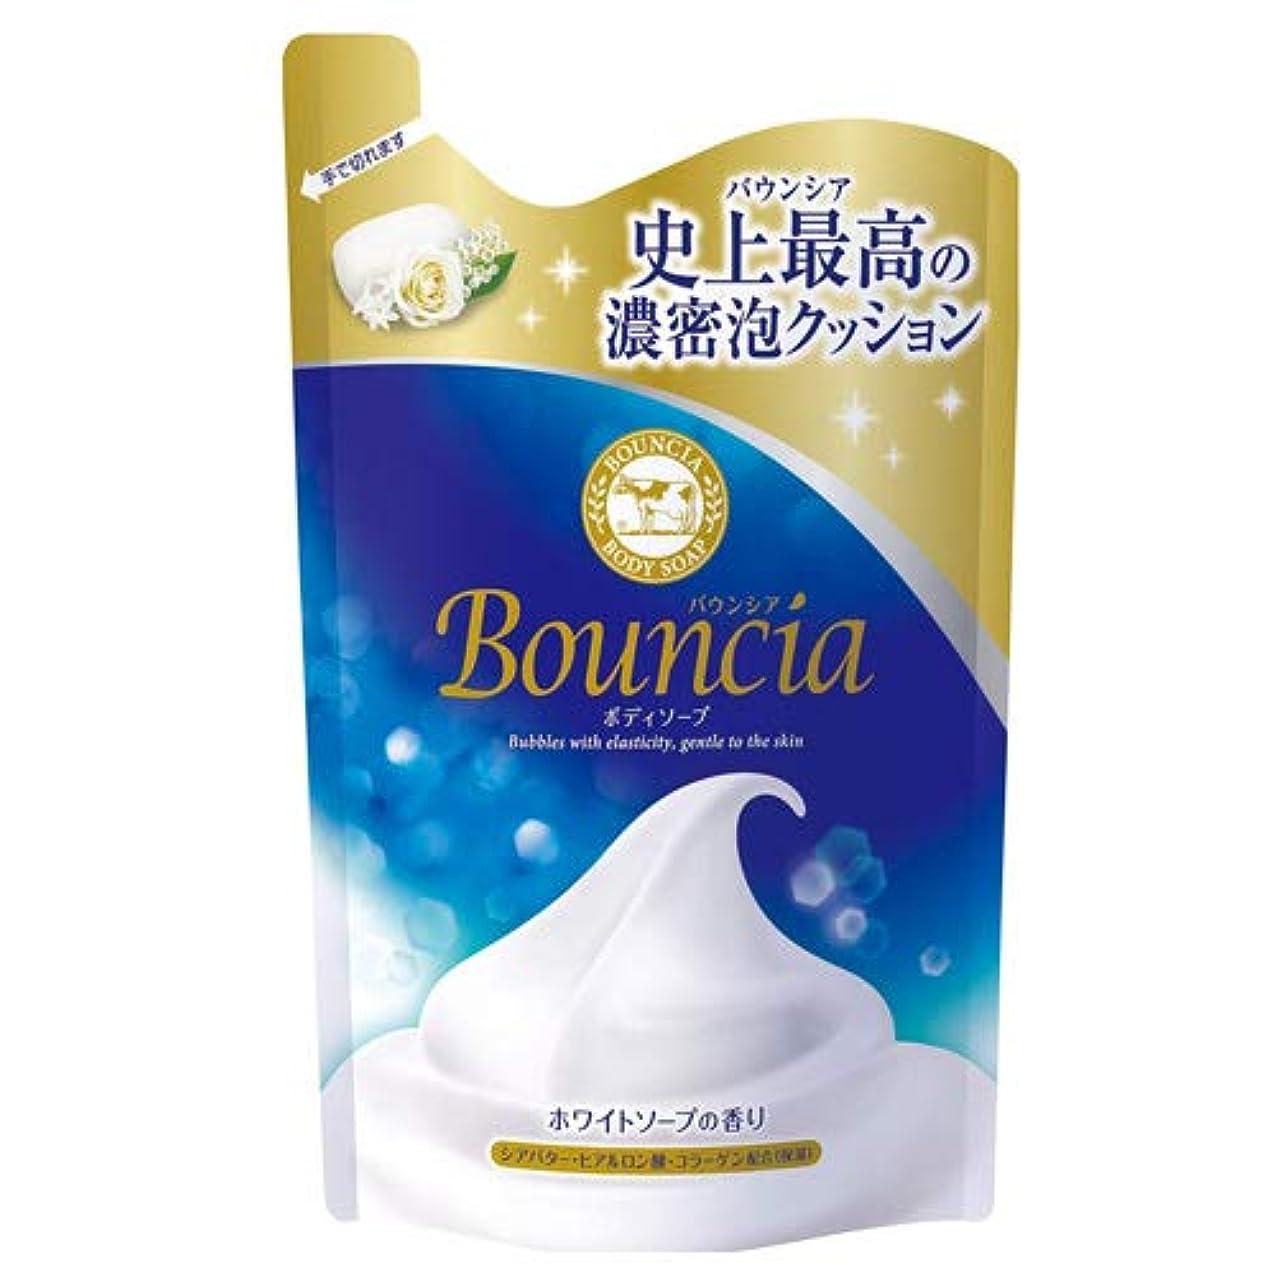 牛乳石鹸 バウンシア ボディソープ 詰替用 400ml×4個